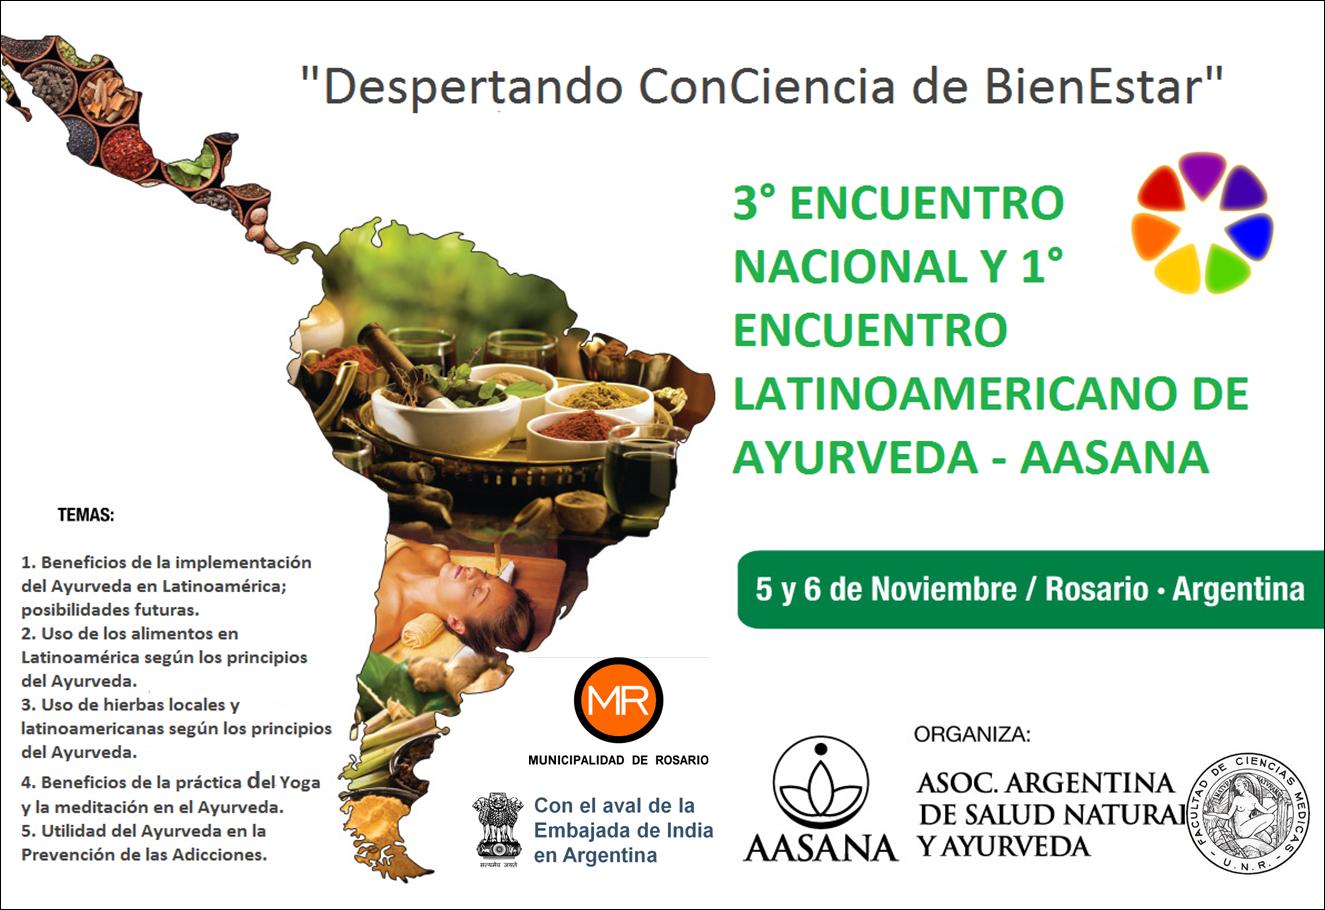 1° Encuentro Latinoamericano de Ayurveda